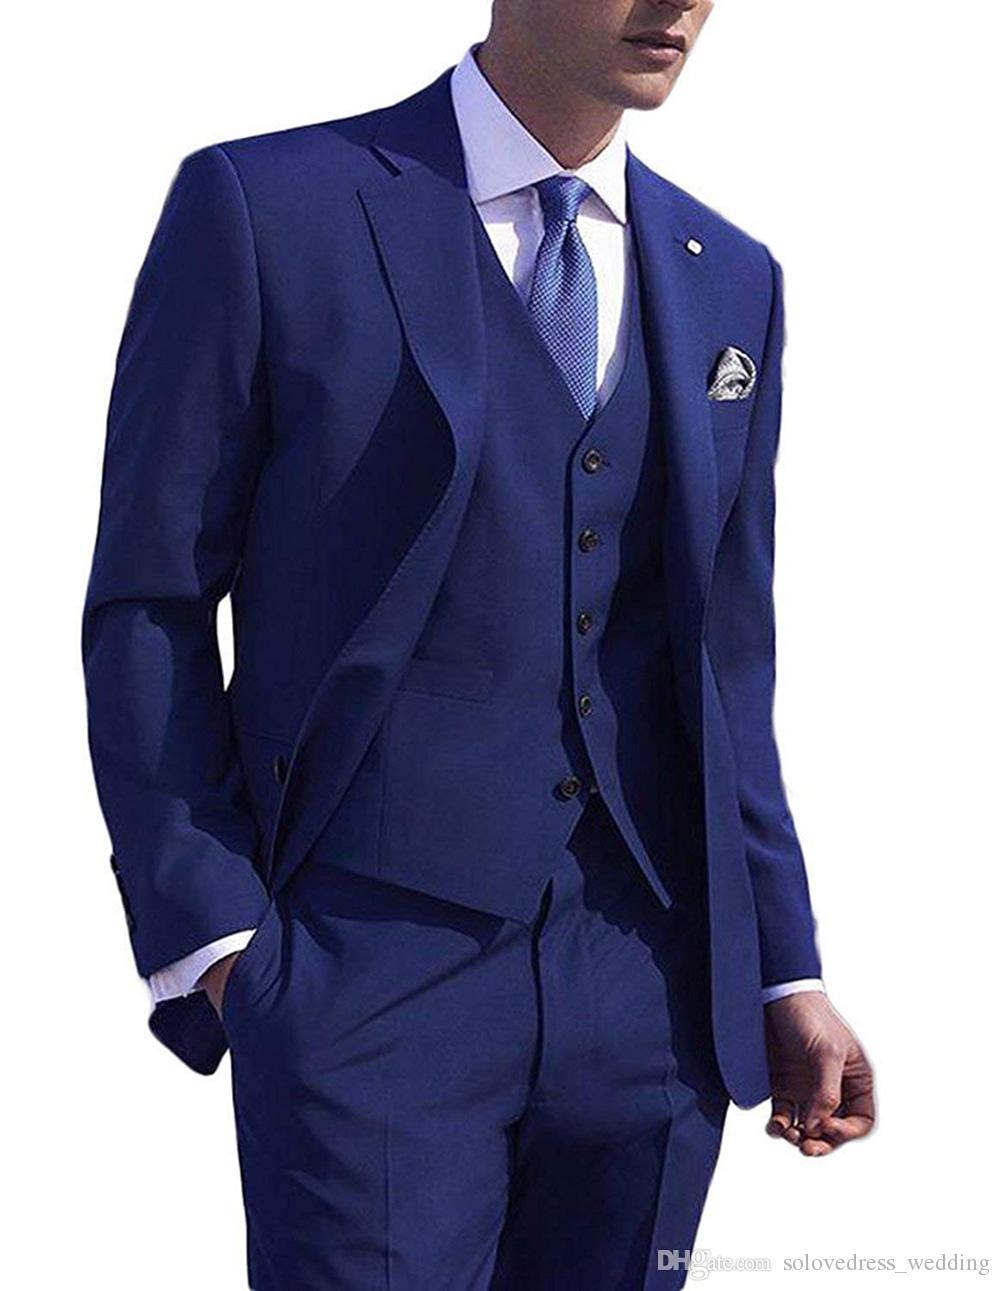 New Blue Hommes Costumes 3 Pièces formelle Soirée Costume Slim Fit entaillé Blazer revers Houndstooth smokings marié Fait sur mesure (veste + pantalon + Gilet)